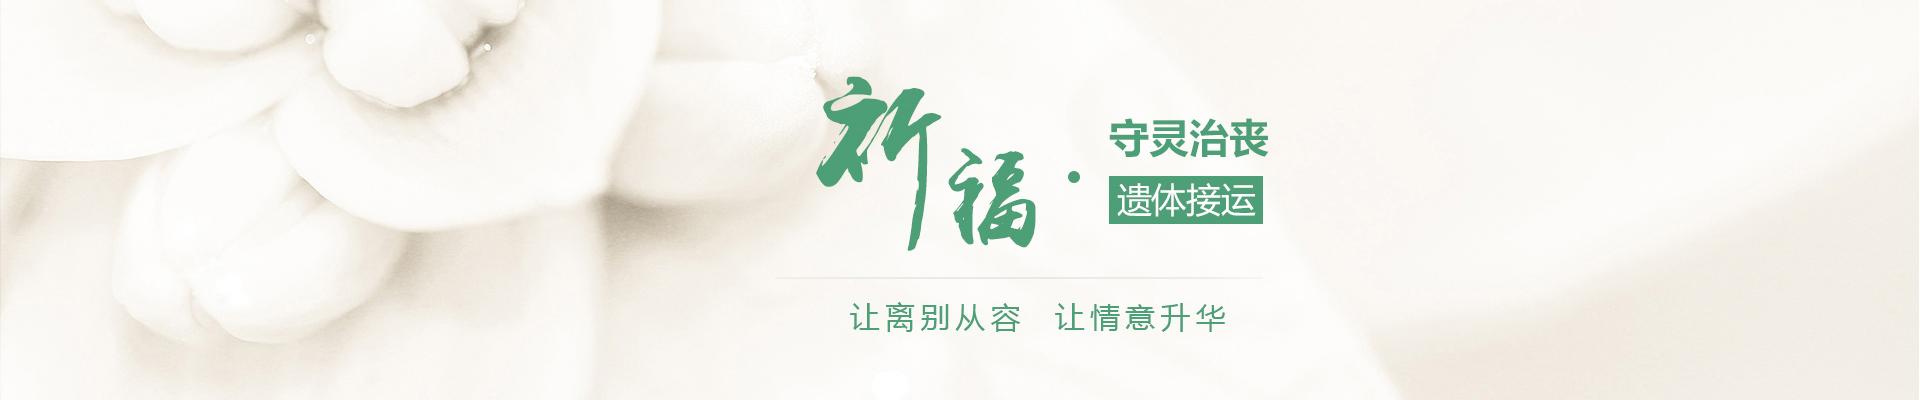 重庆殡葬服务